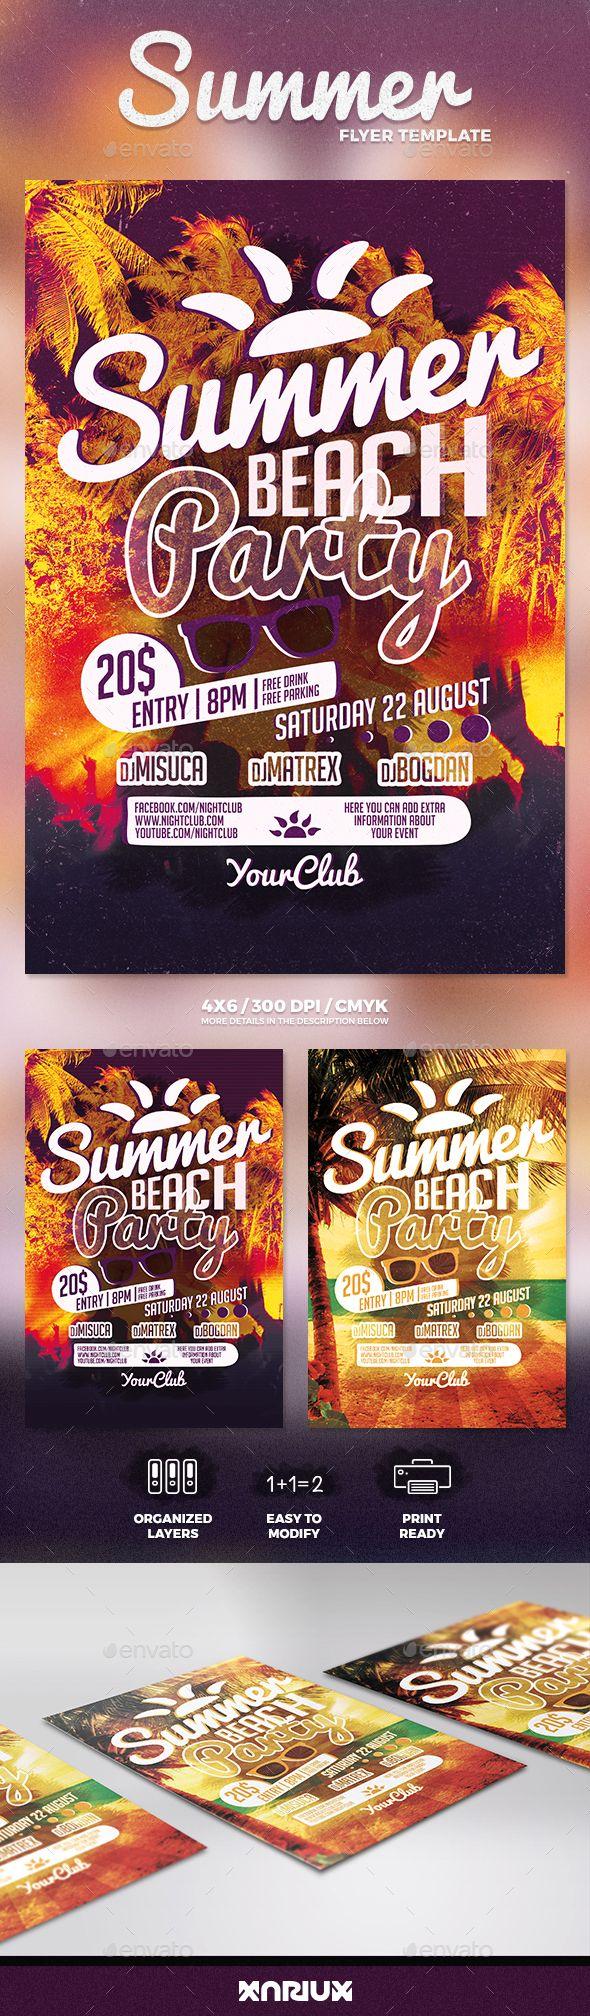 Summer Beach Party Flyer | Pinterest